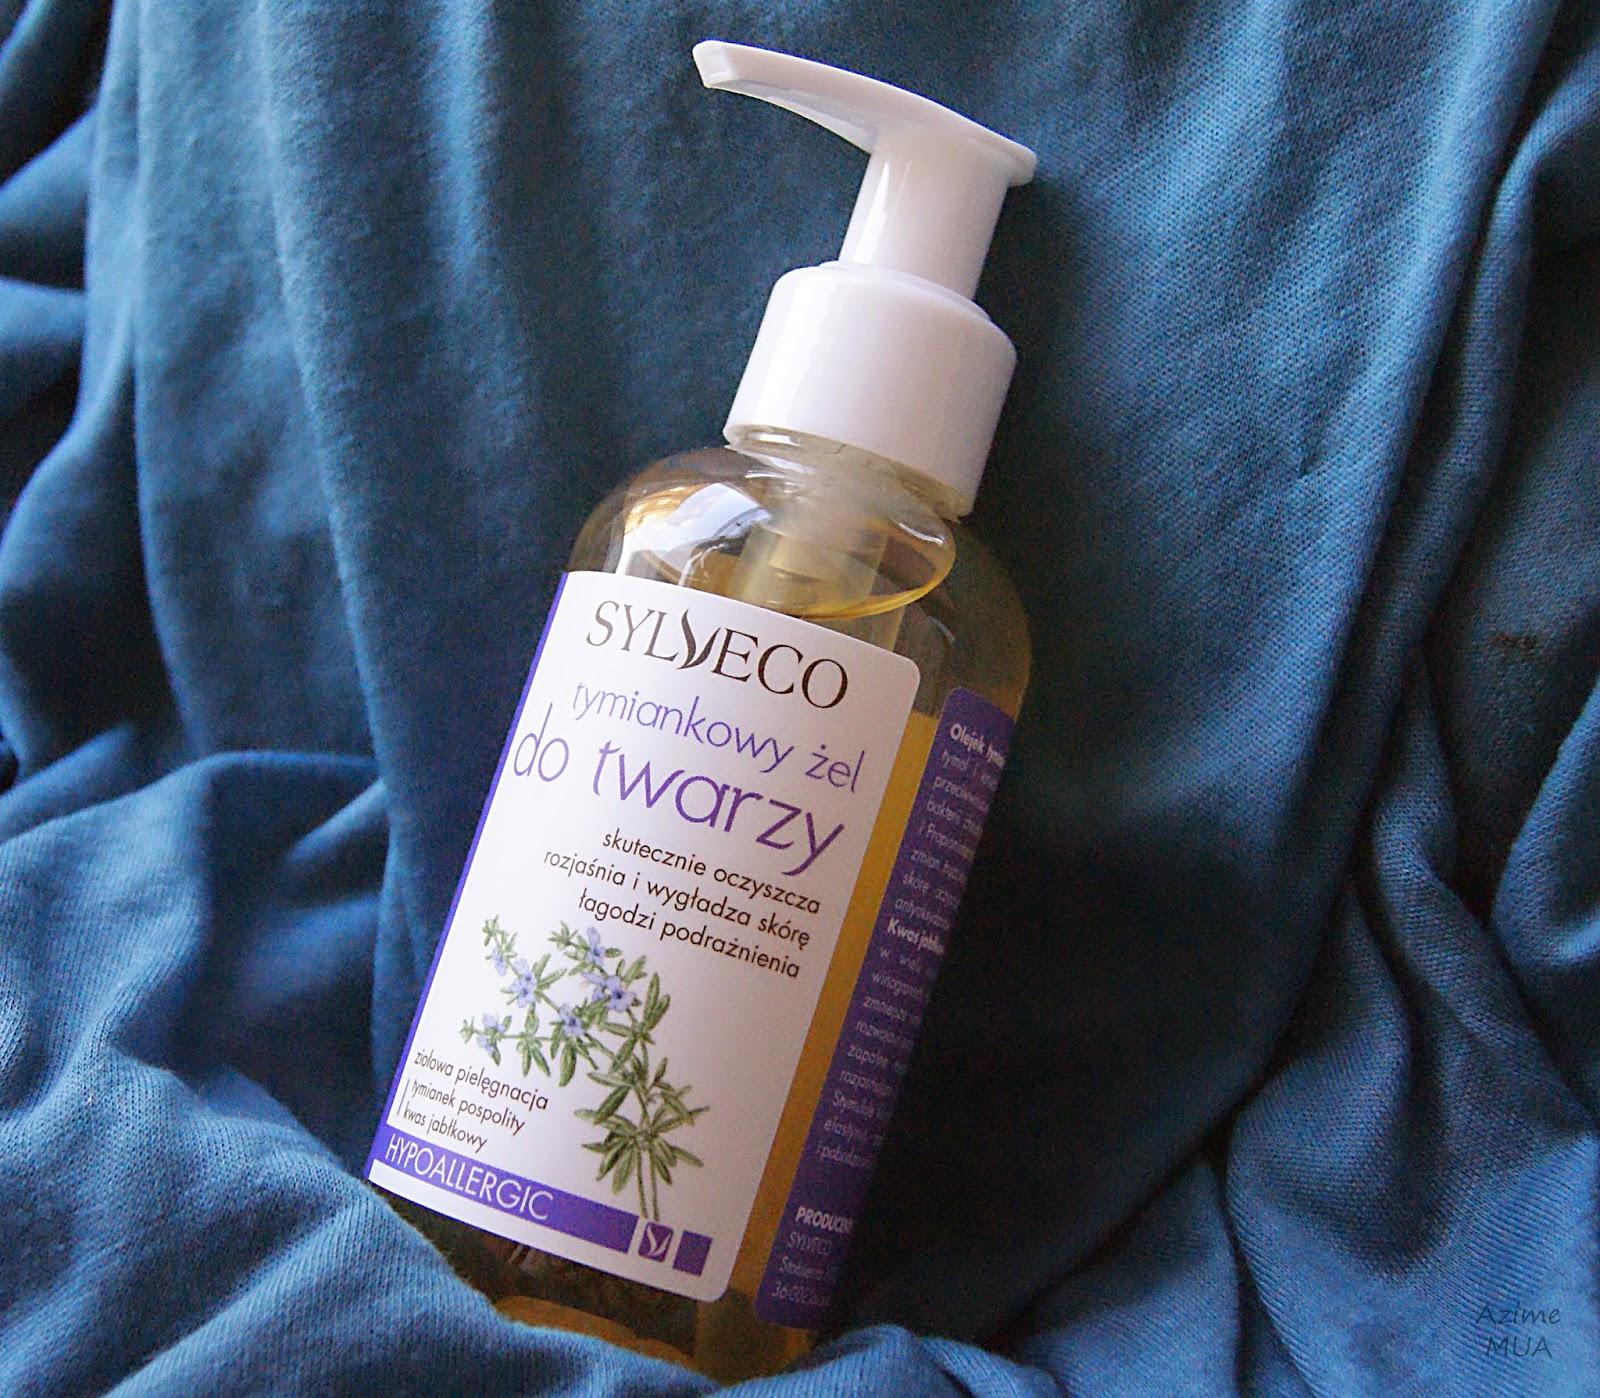 [167.] Recenzja żelu do mycia twarzy Sylveco, wersja tymiankowa.